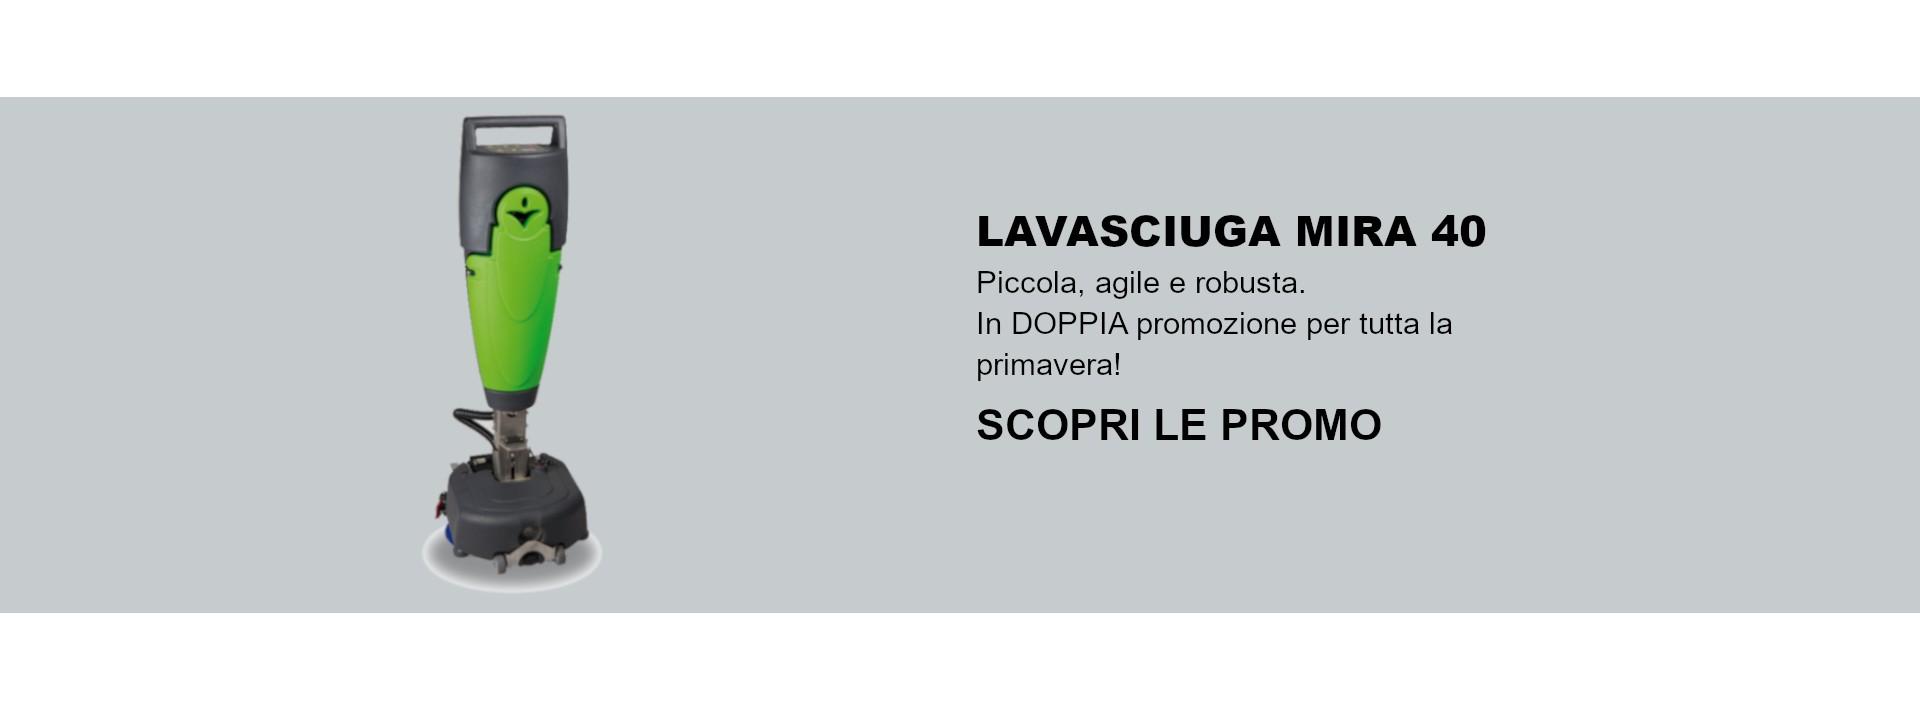 Lavasciuga Mira 40 in promozione per tutta la primavera!